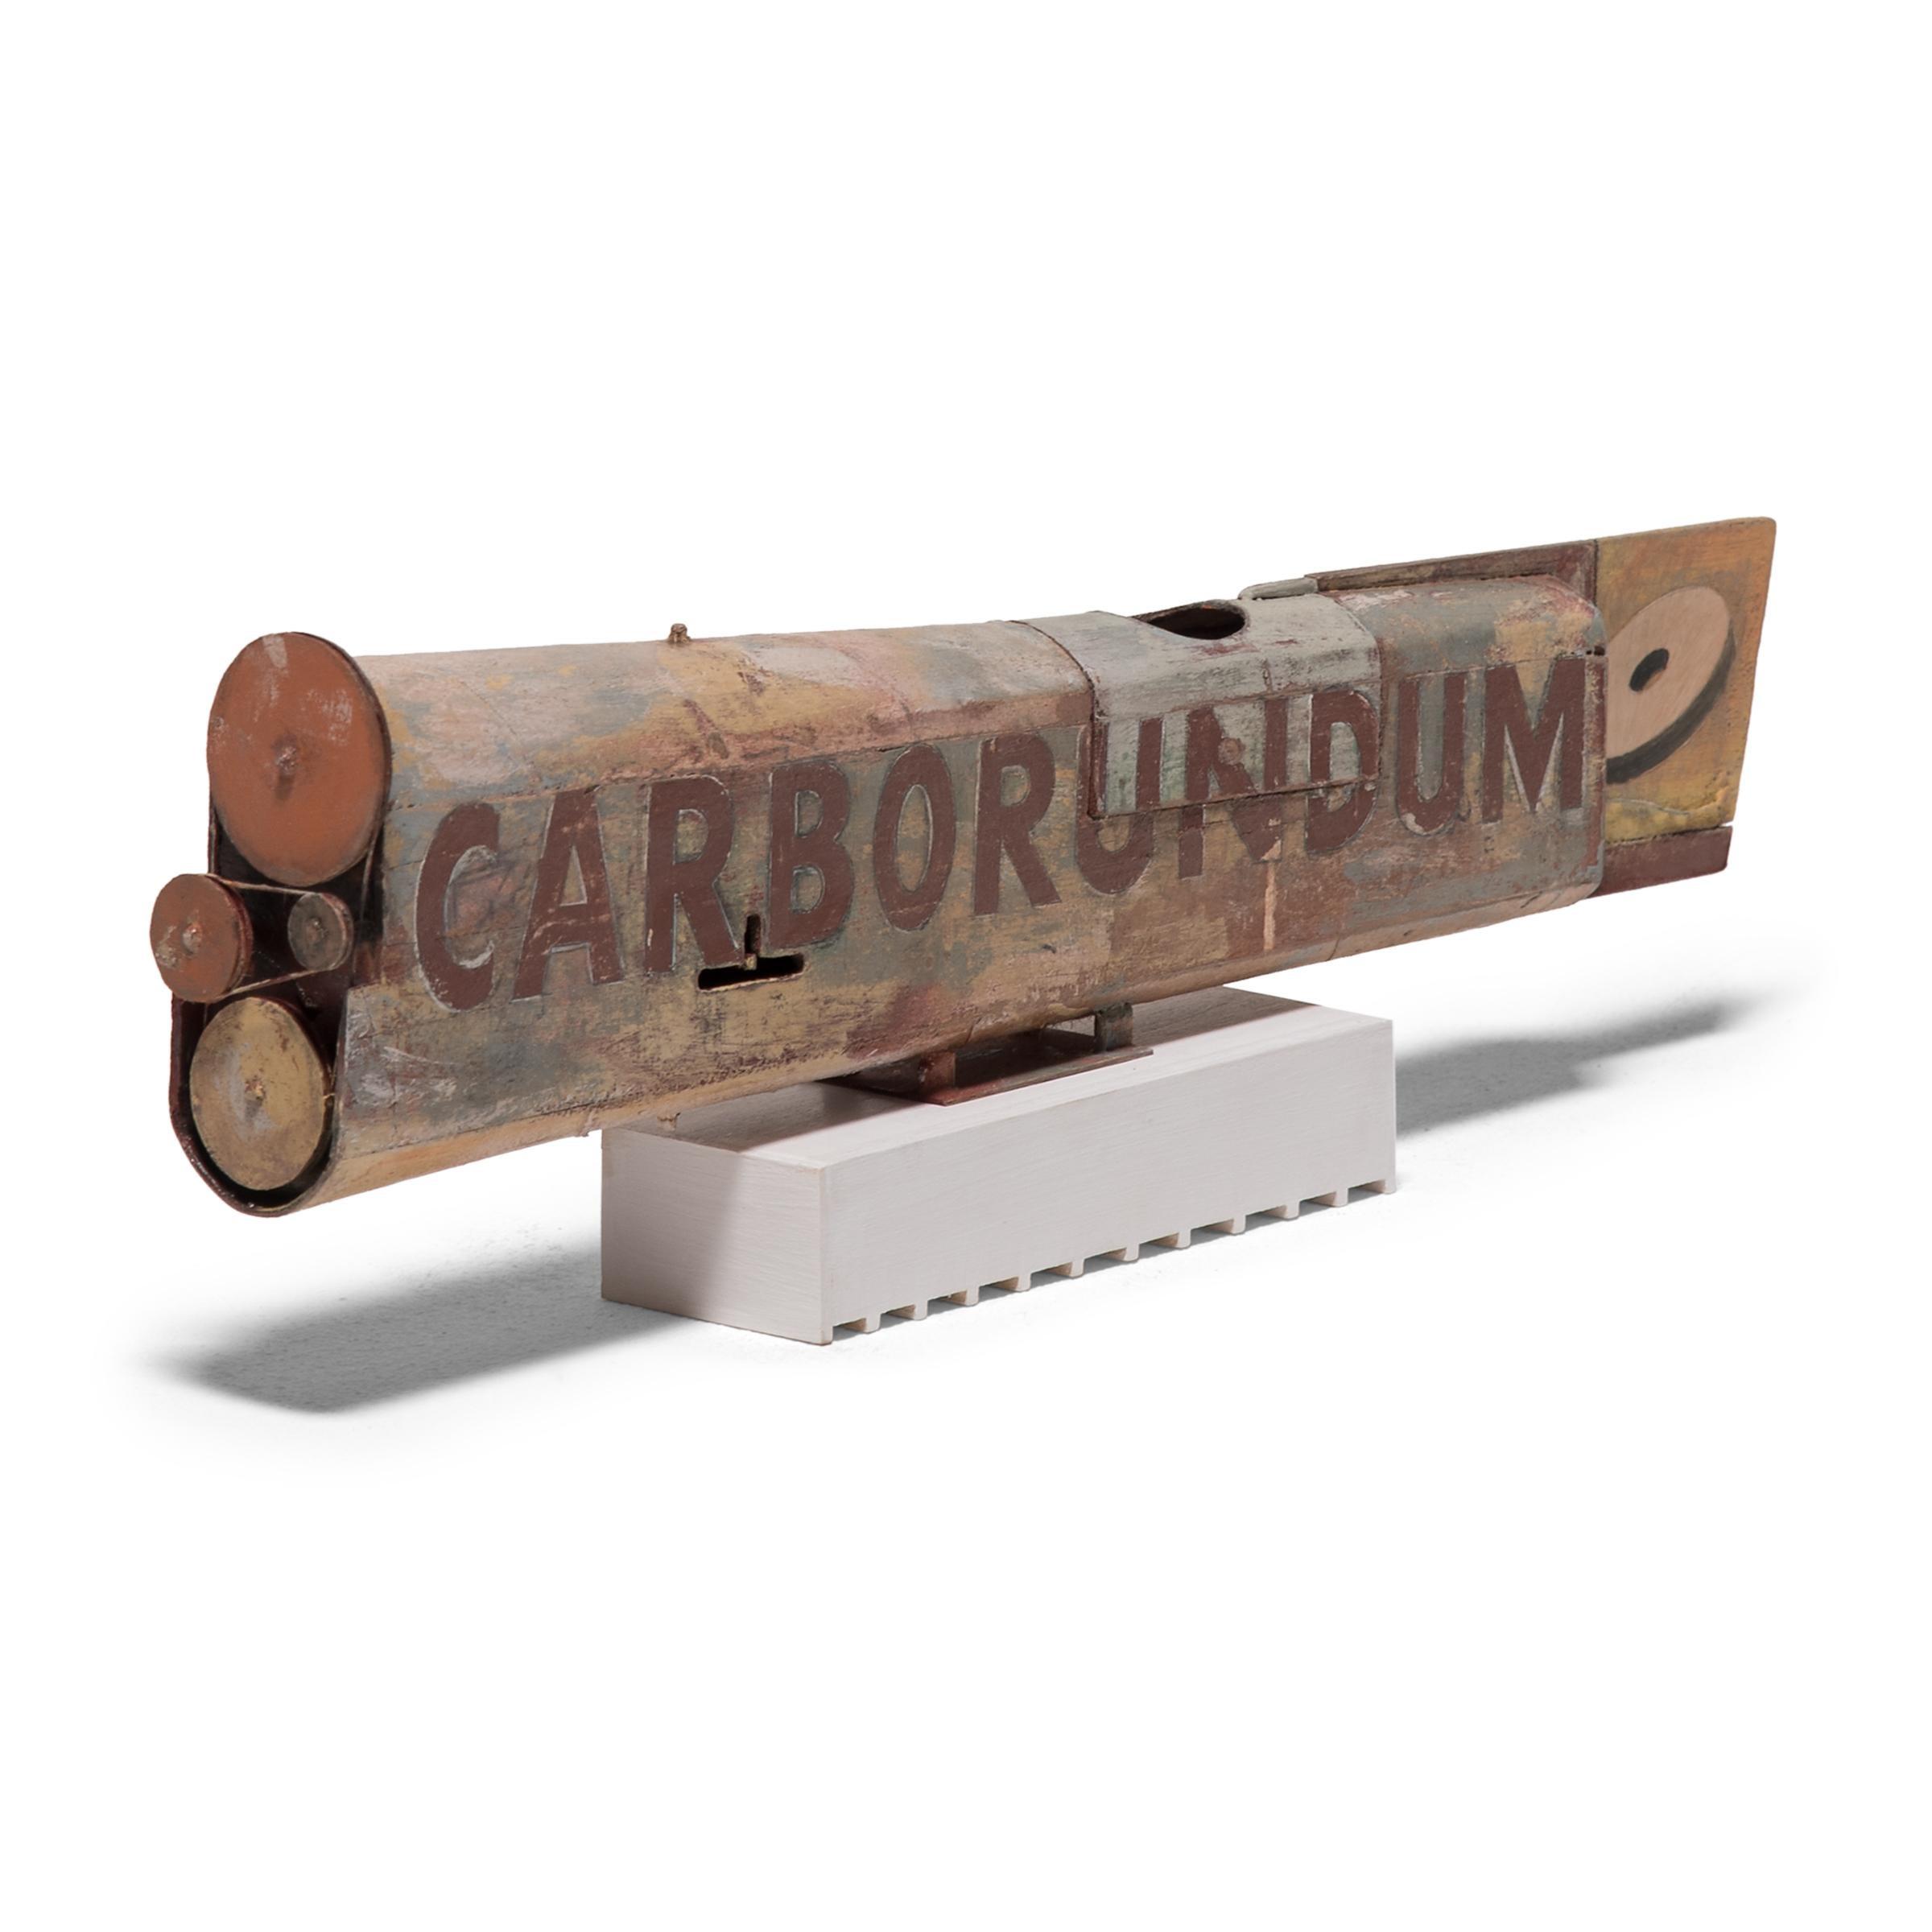 Carborundum Car